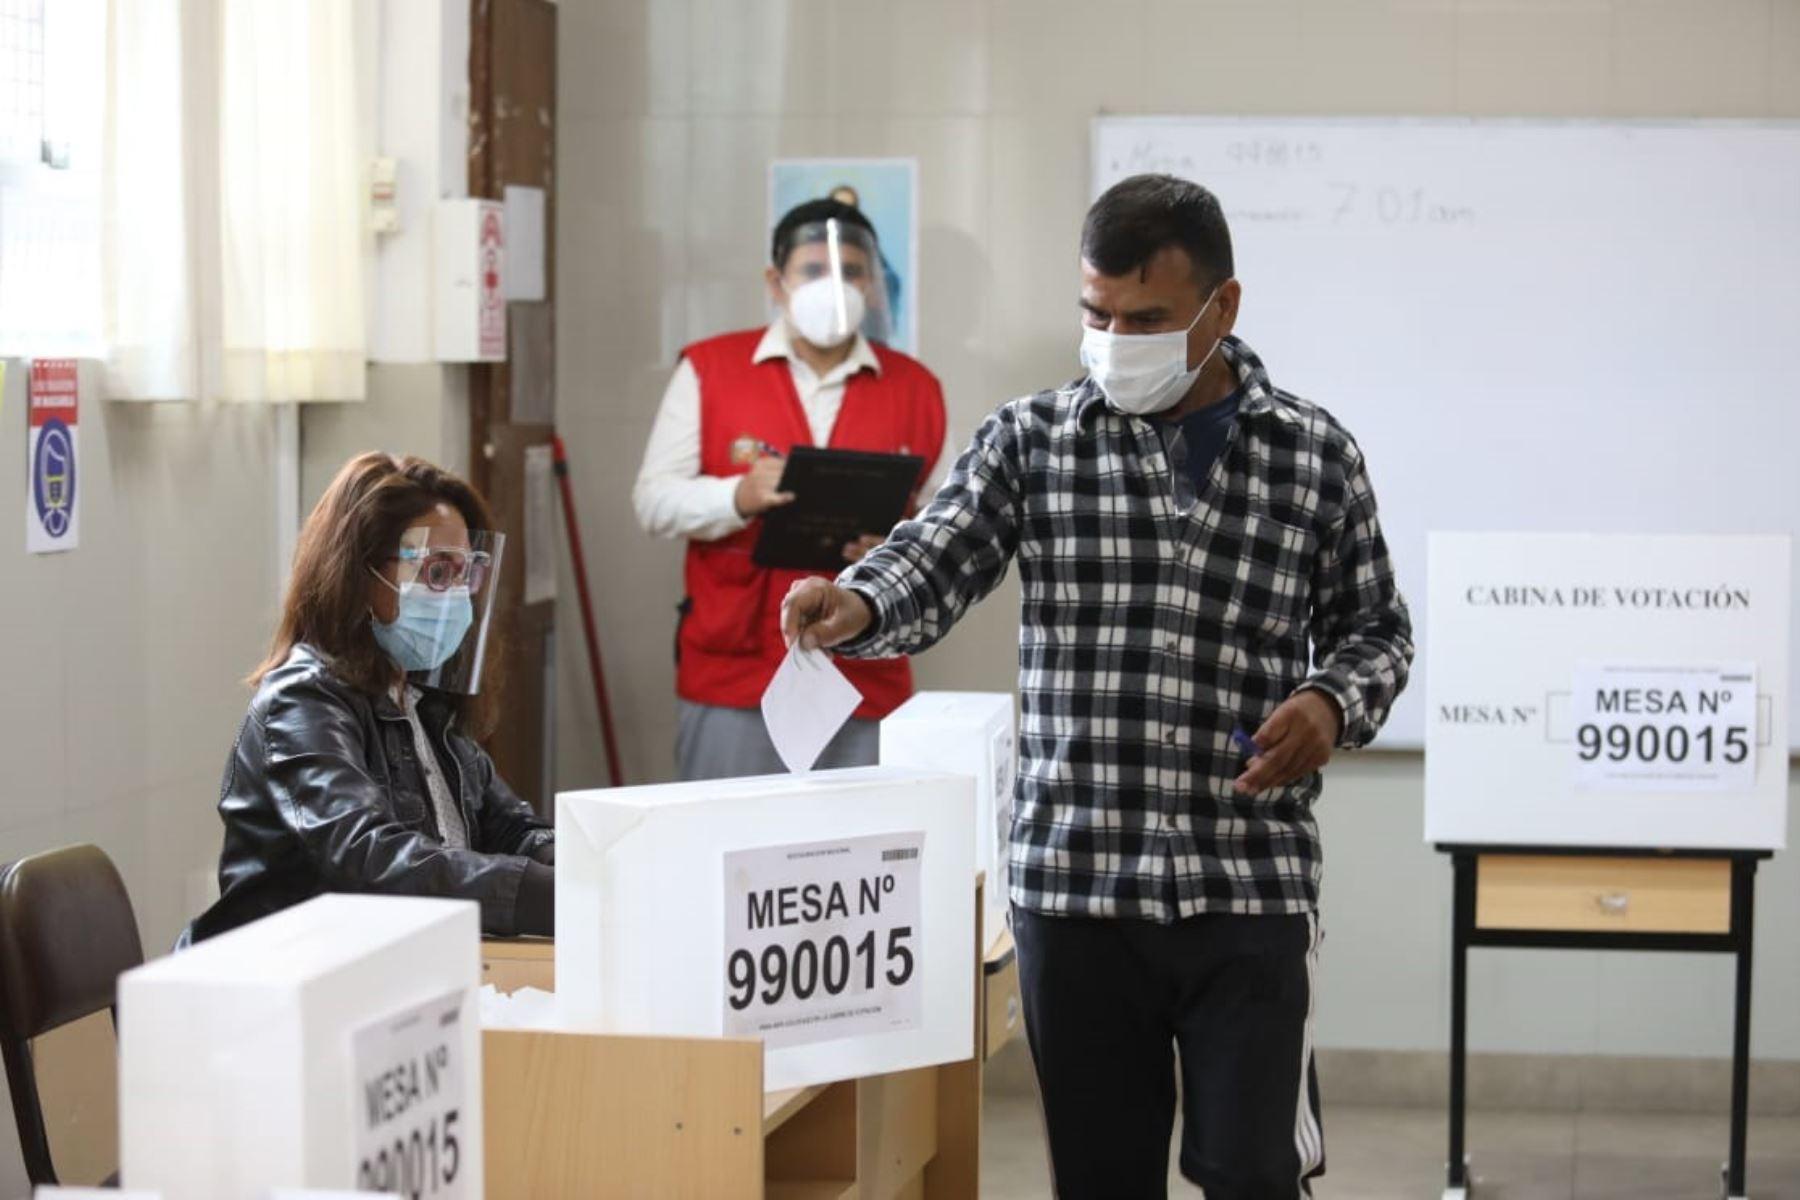 elecciones-2021-consulta-aqui-la-lista-final-de-miembros-de-mesa-y-locales-de-votacion